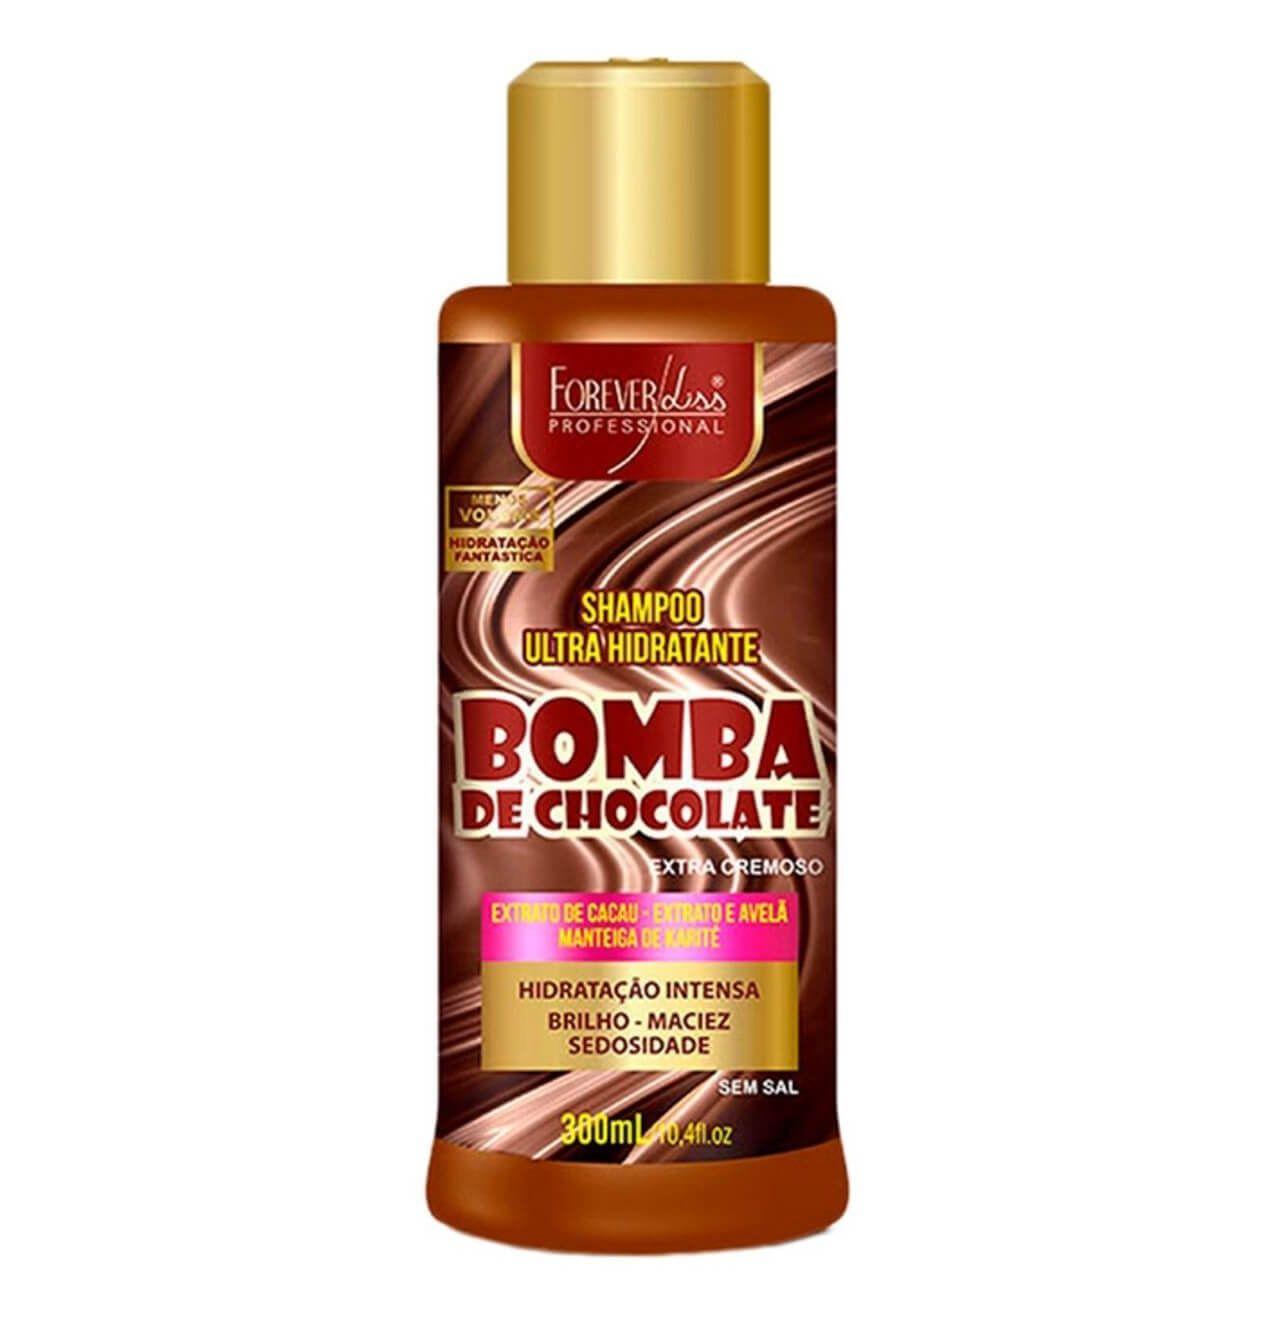 Shampoo Foreverliss Bomba De Chocolate 300ml Forever Liss